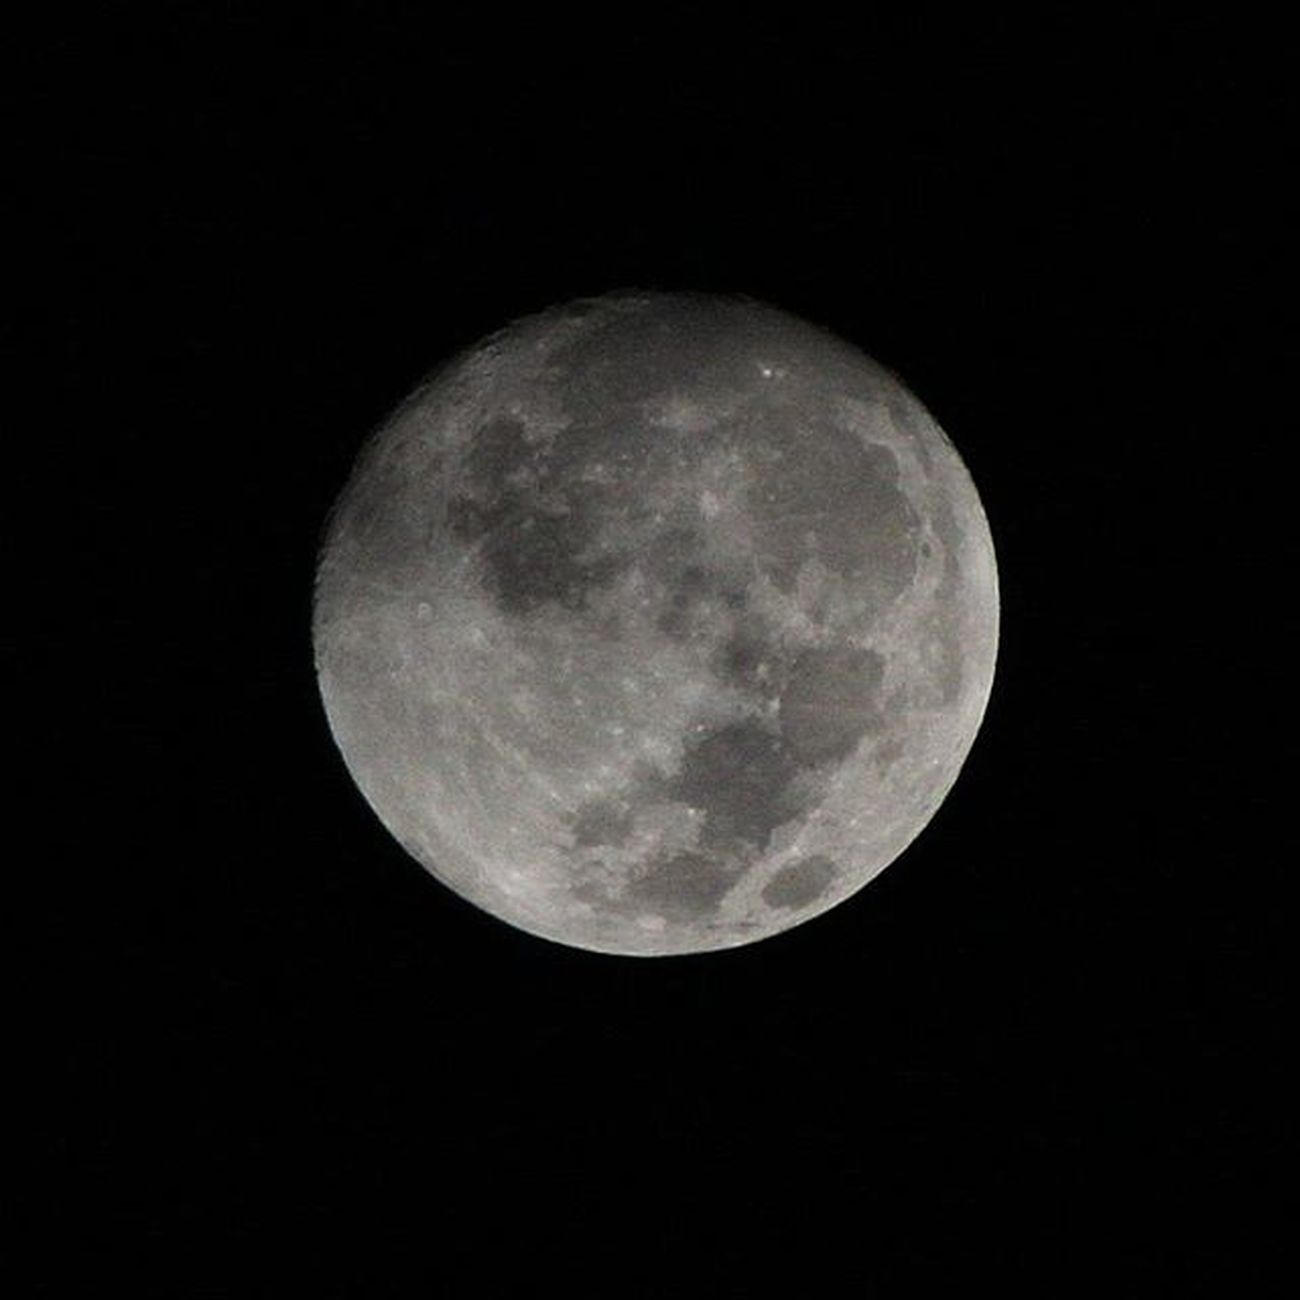 月亮初拍。月亮看得見。 Moon Moonlight Happymoonfestival 中秋節快樂 Canon Canon60d